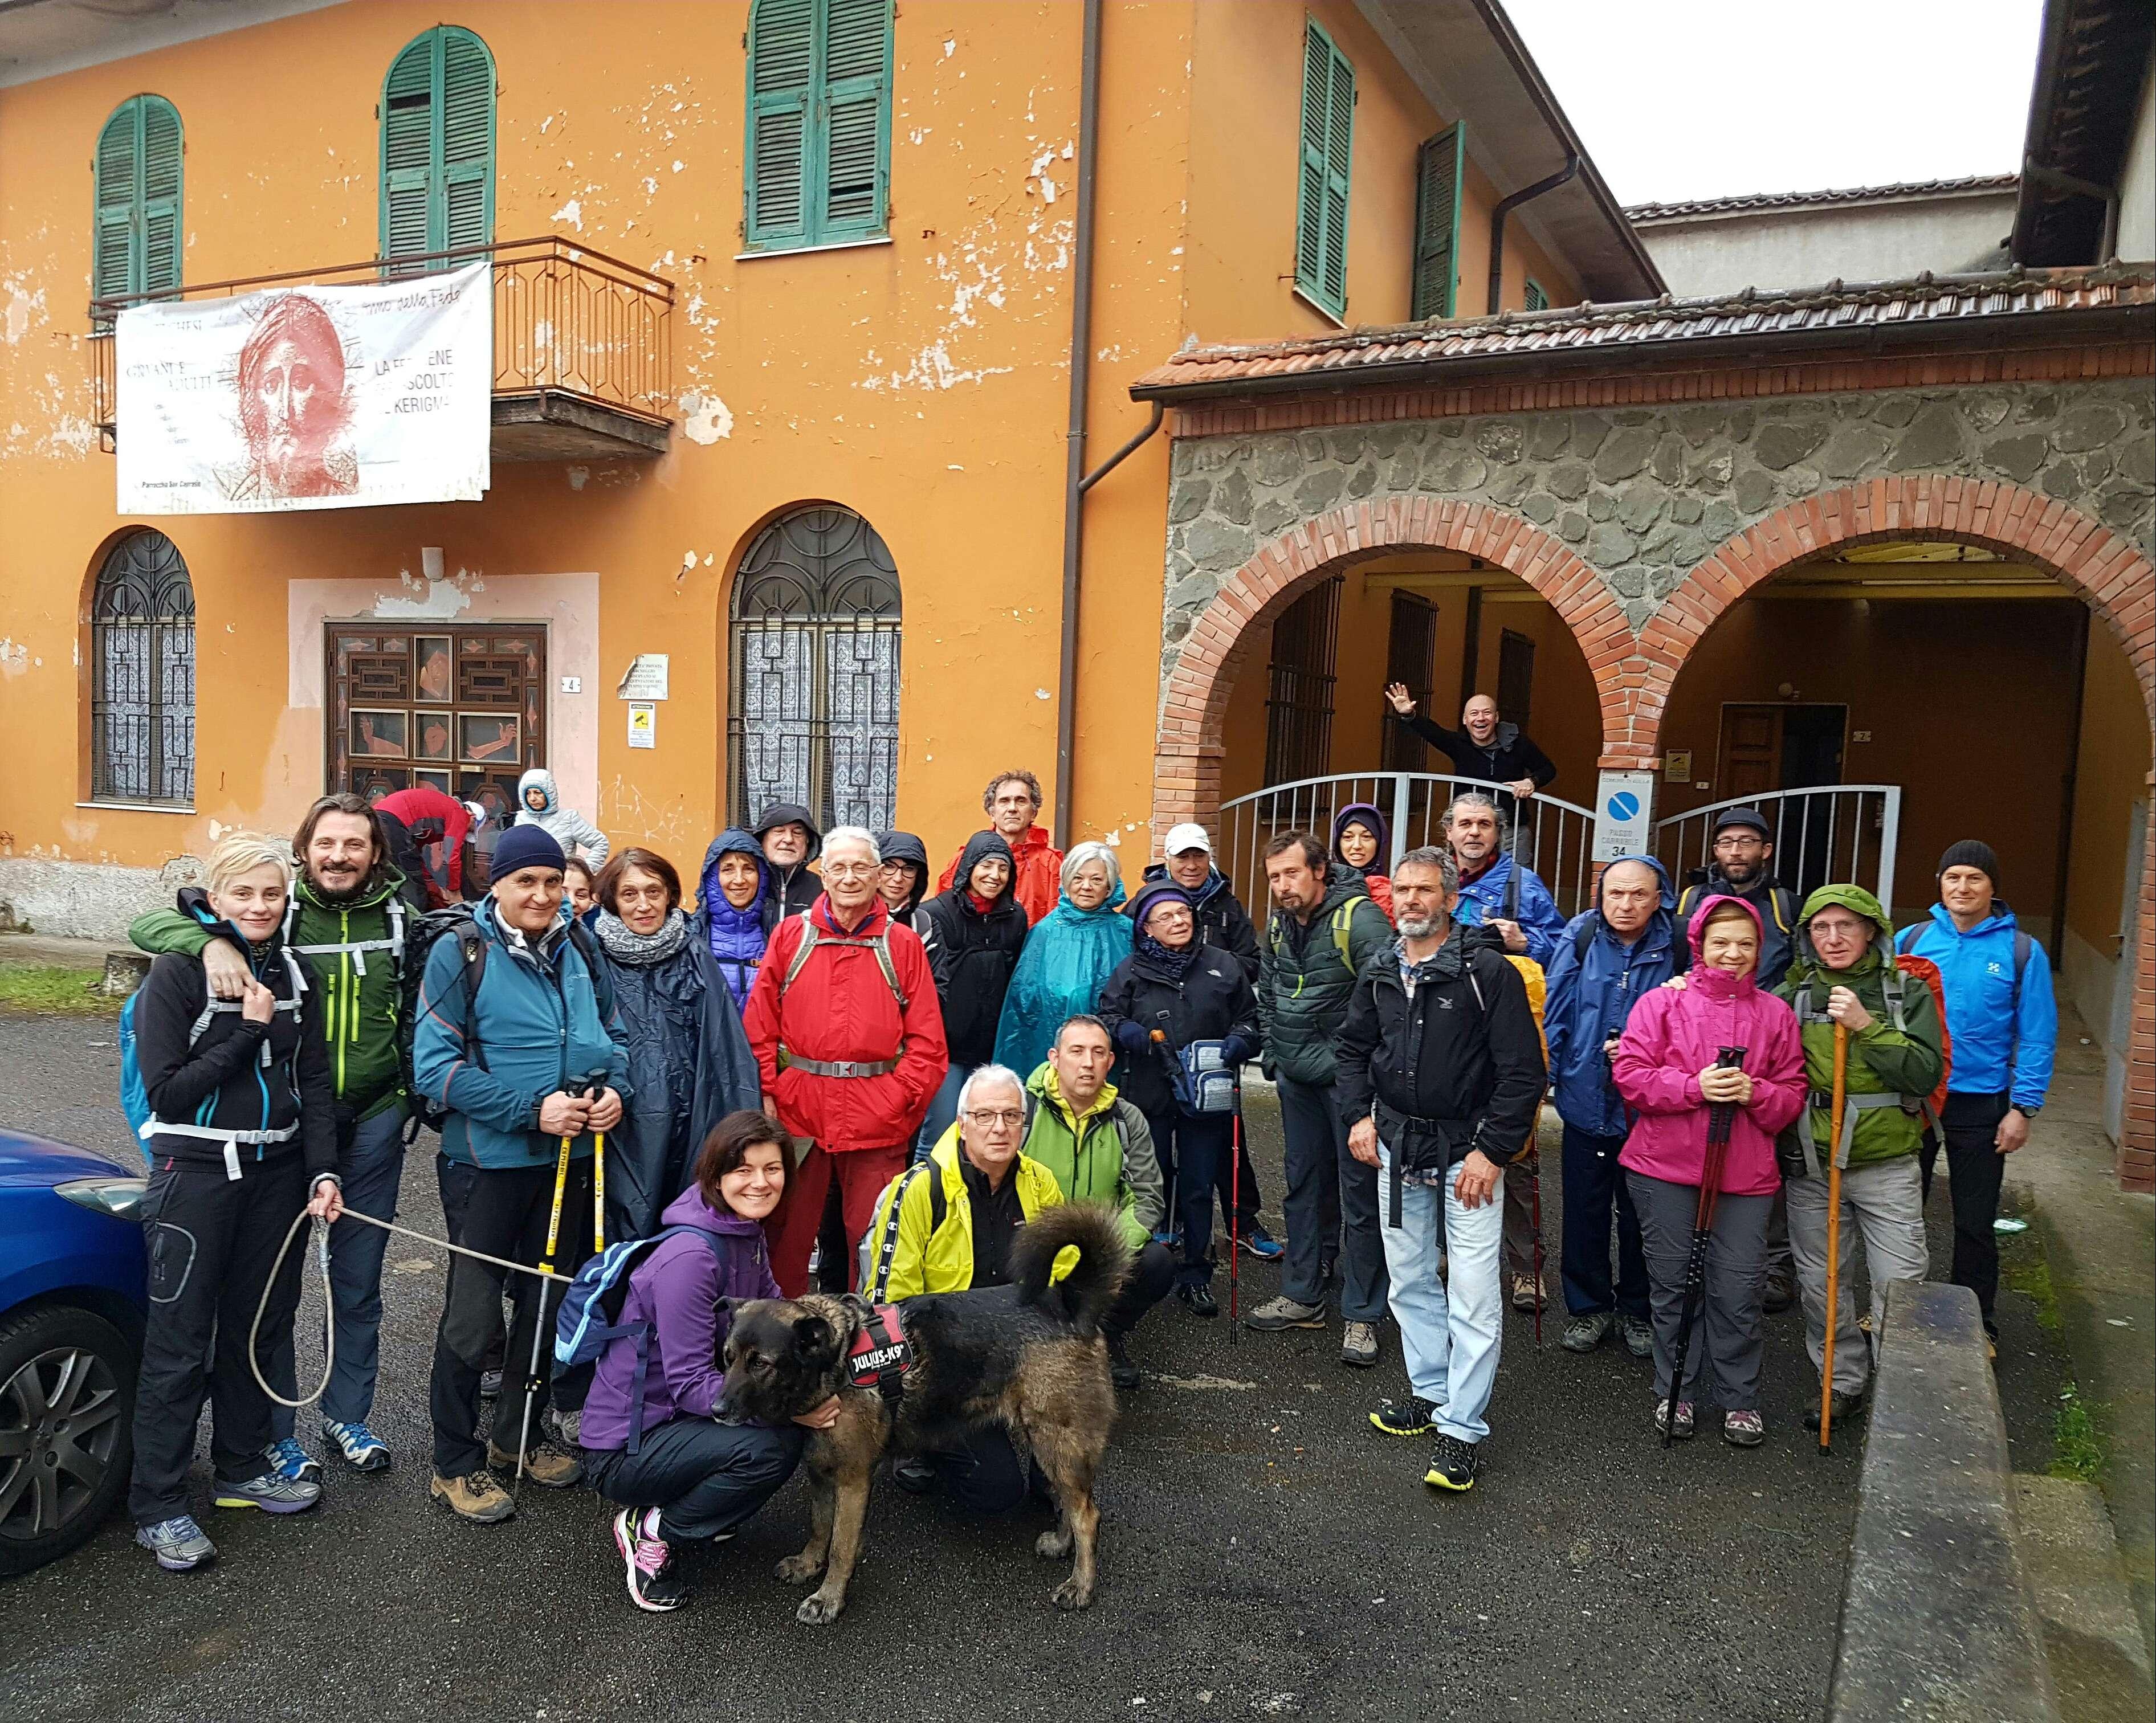 Incontro di pellegrini ad Aulla sulla Via Francigena organizzato dall'Associazione Camminando sulla Via Francigena